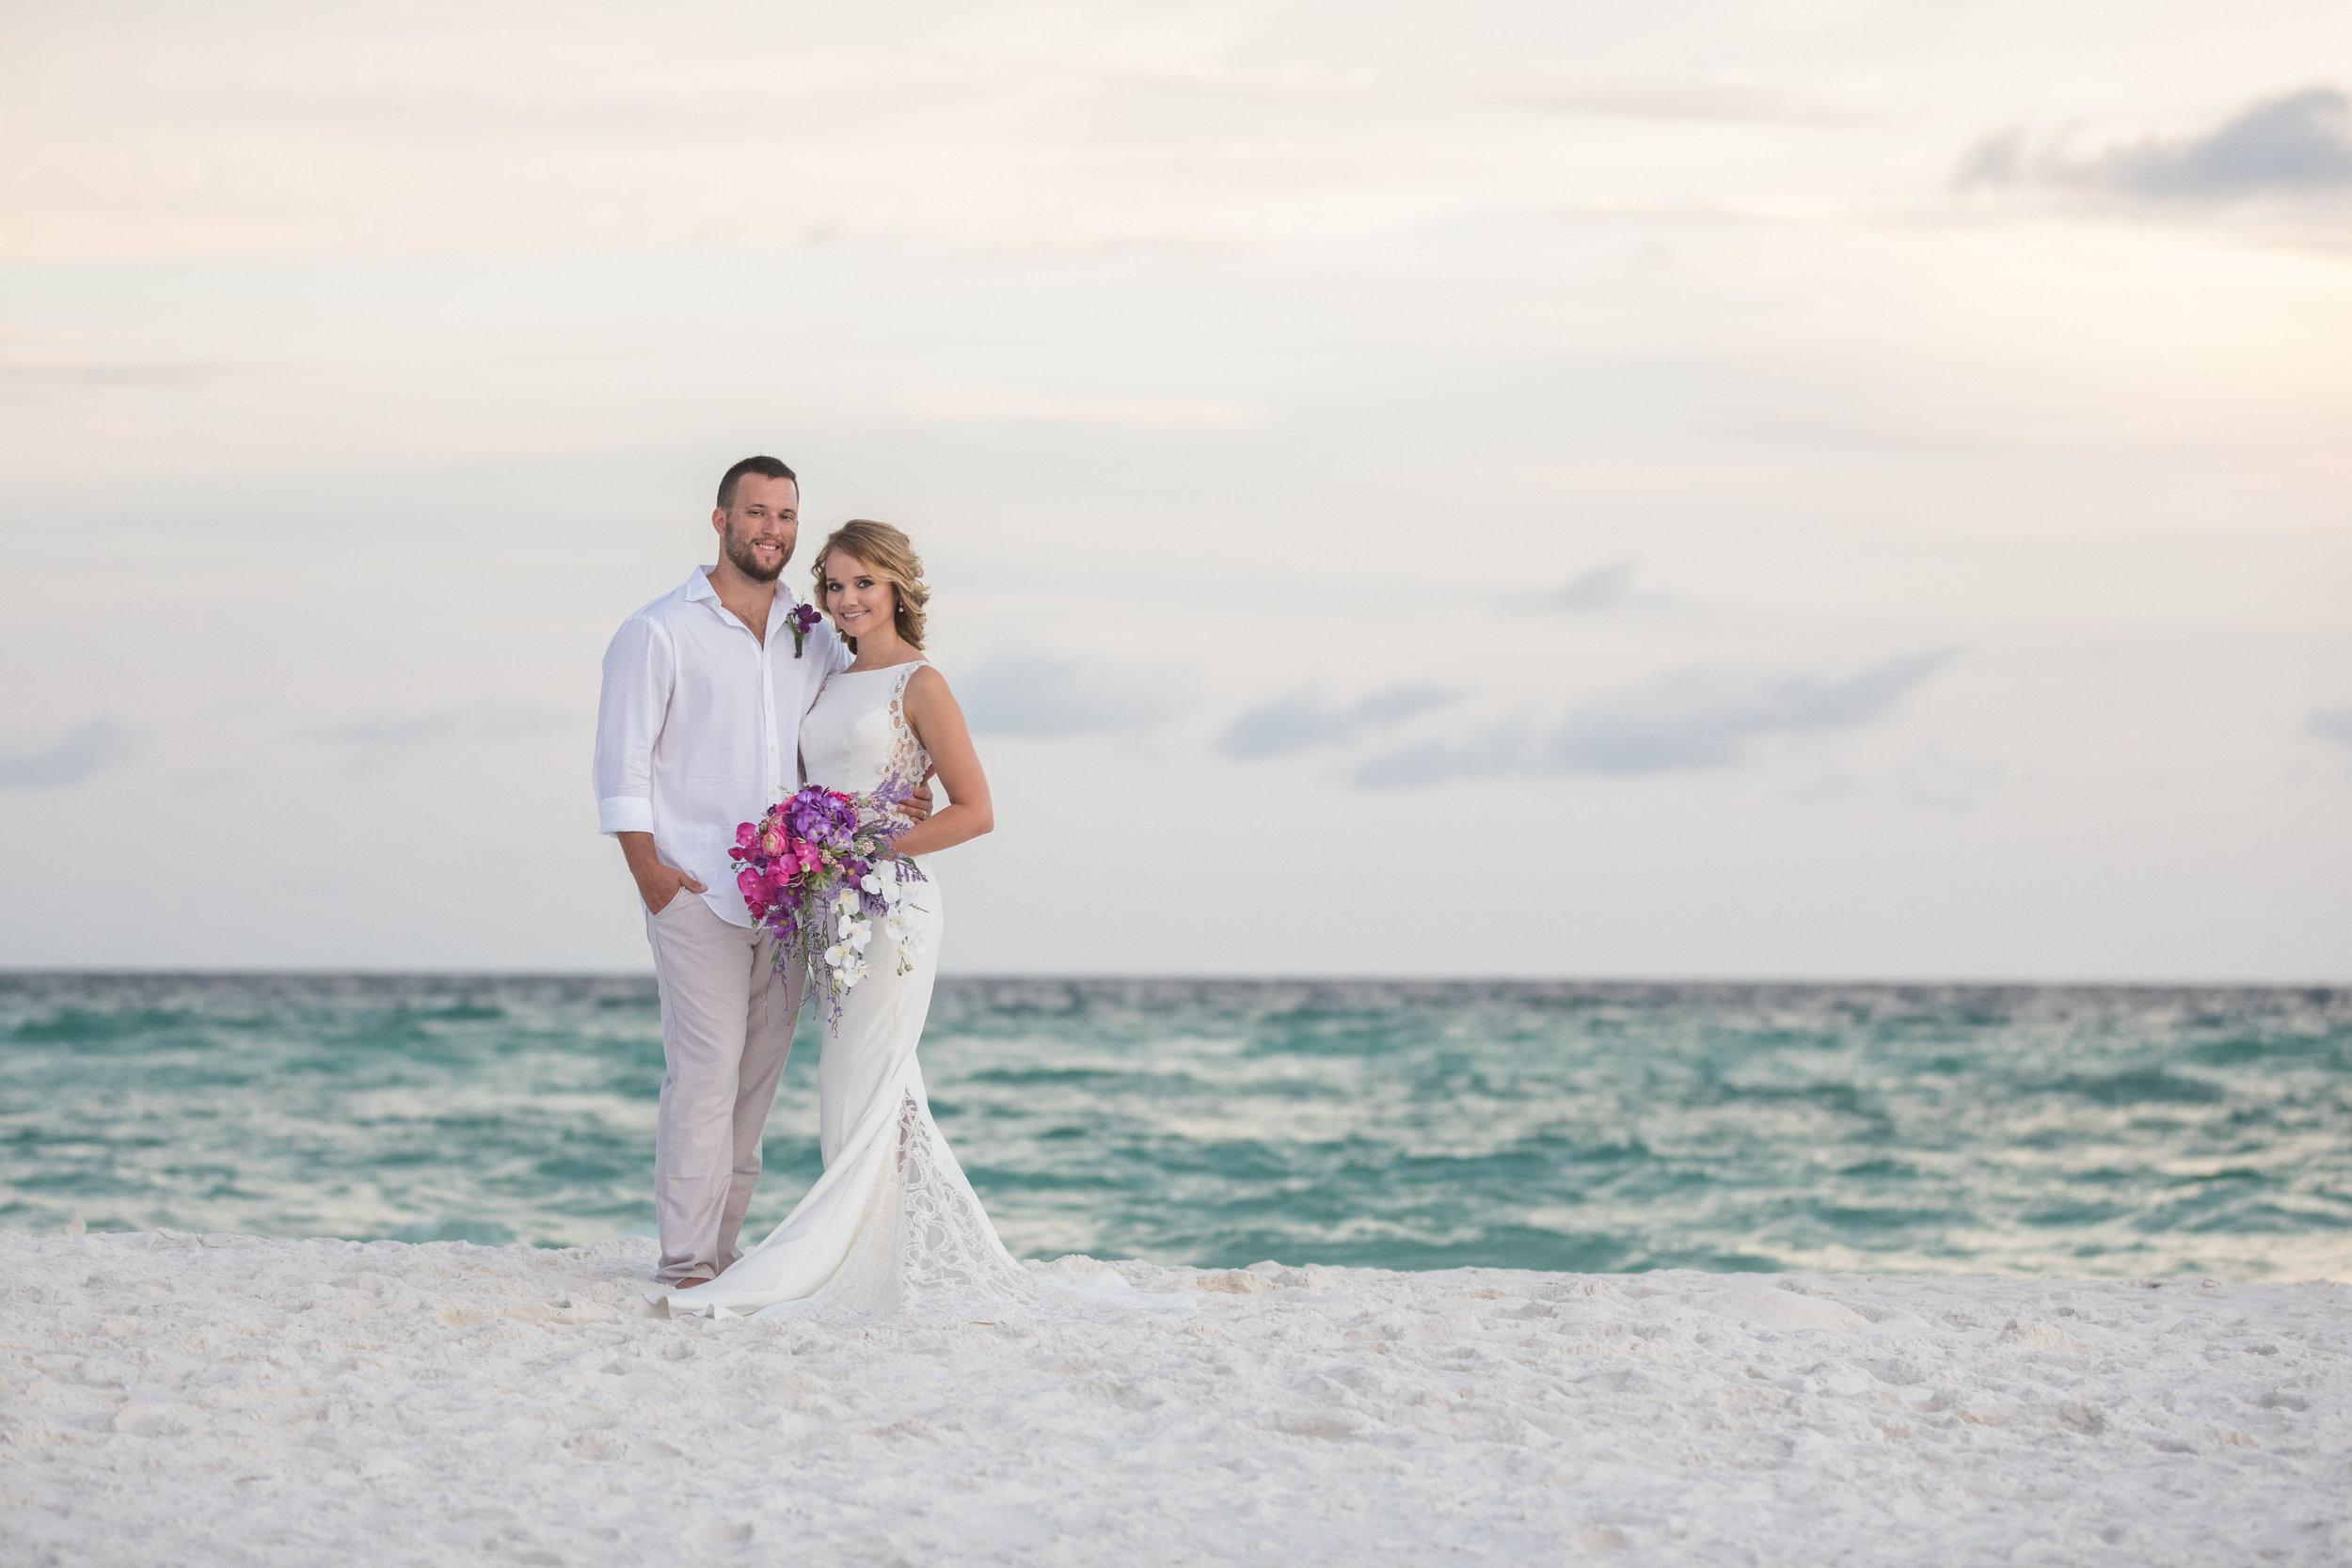 destin beach wedding package picture61_ (2).jpg